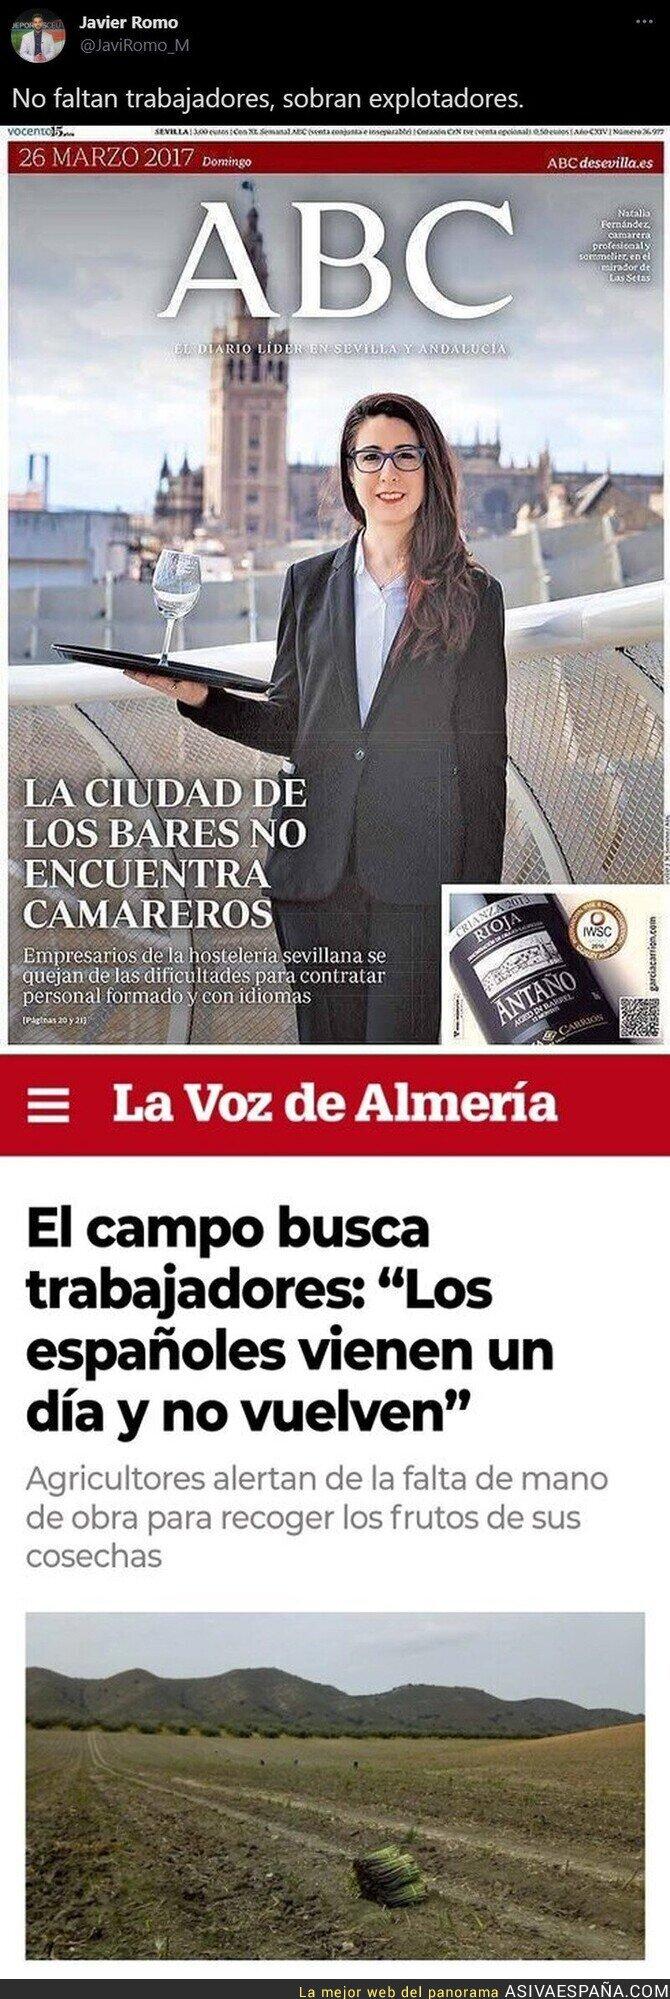 672046 - La misma historia de siempre con los españoles